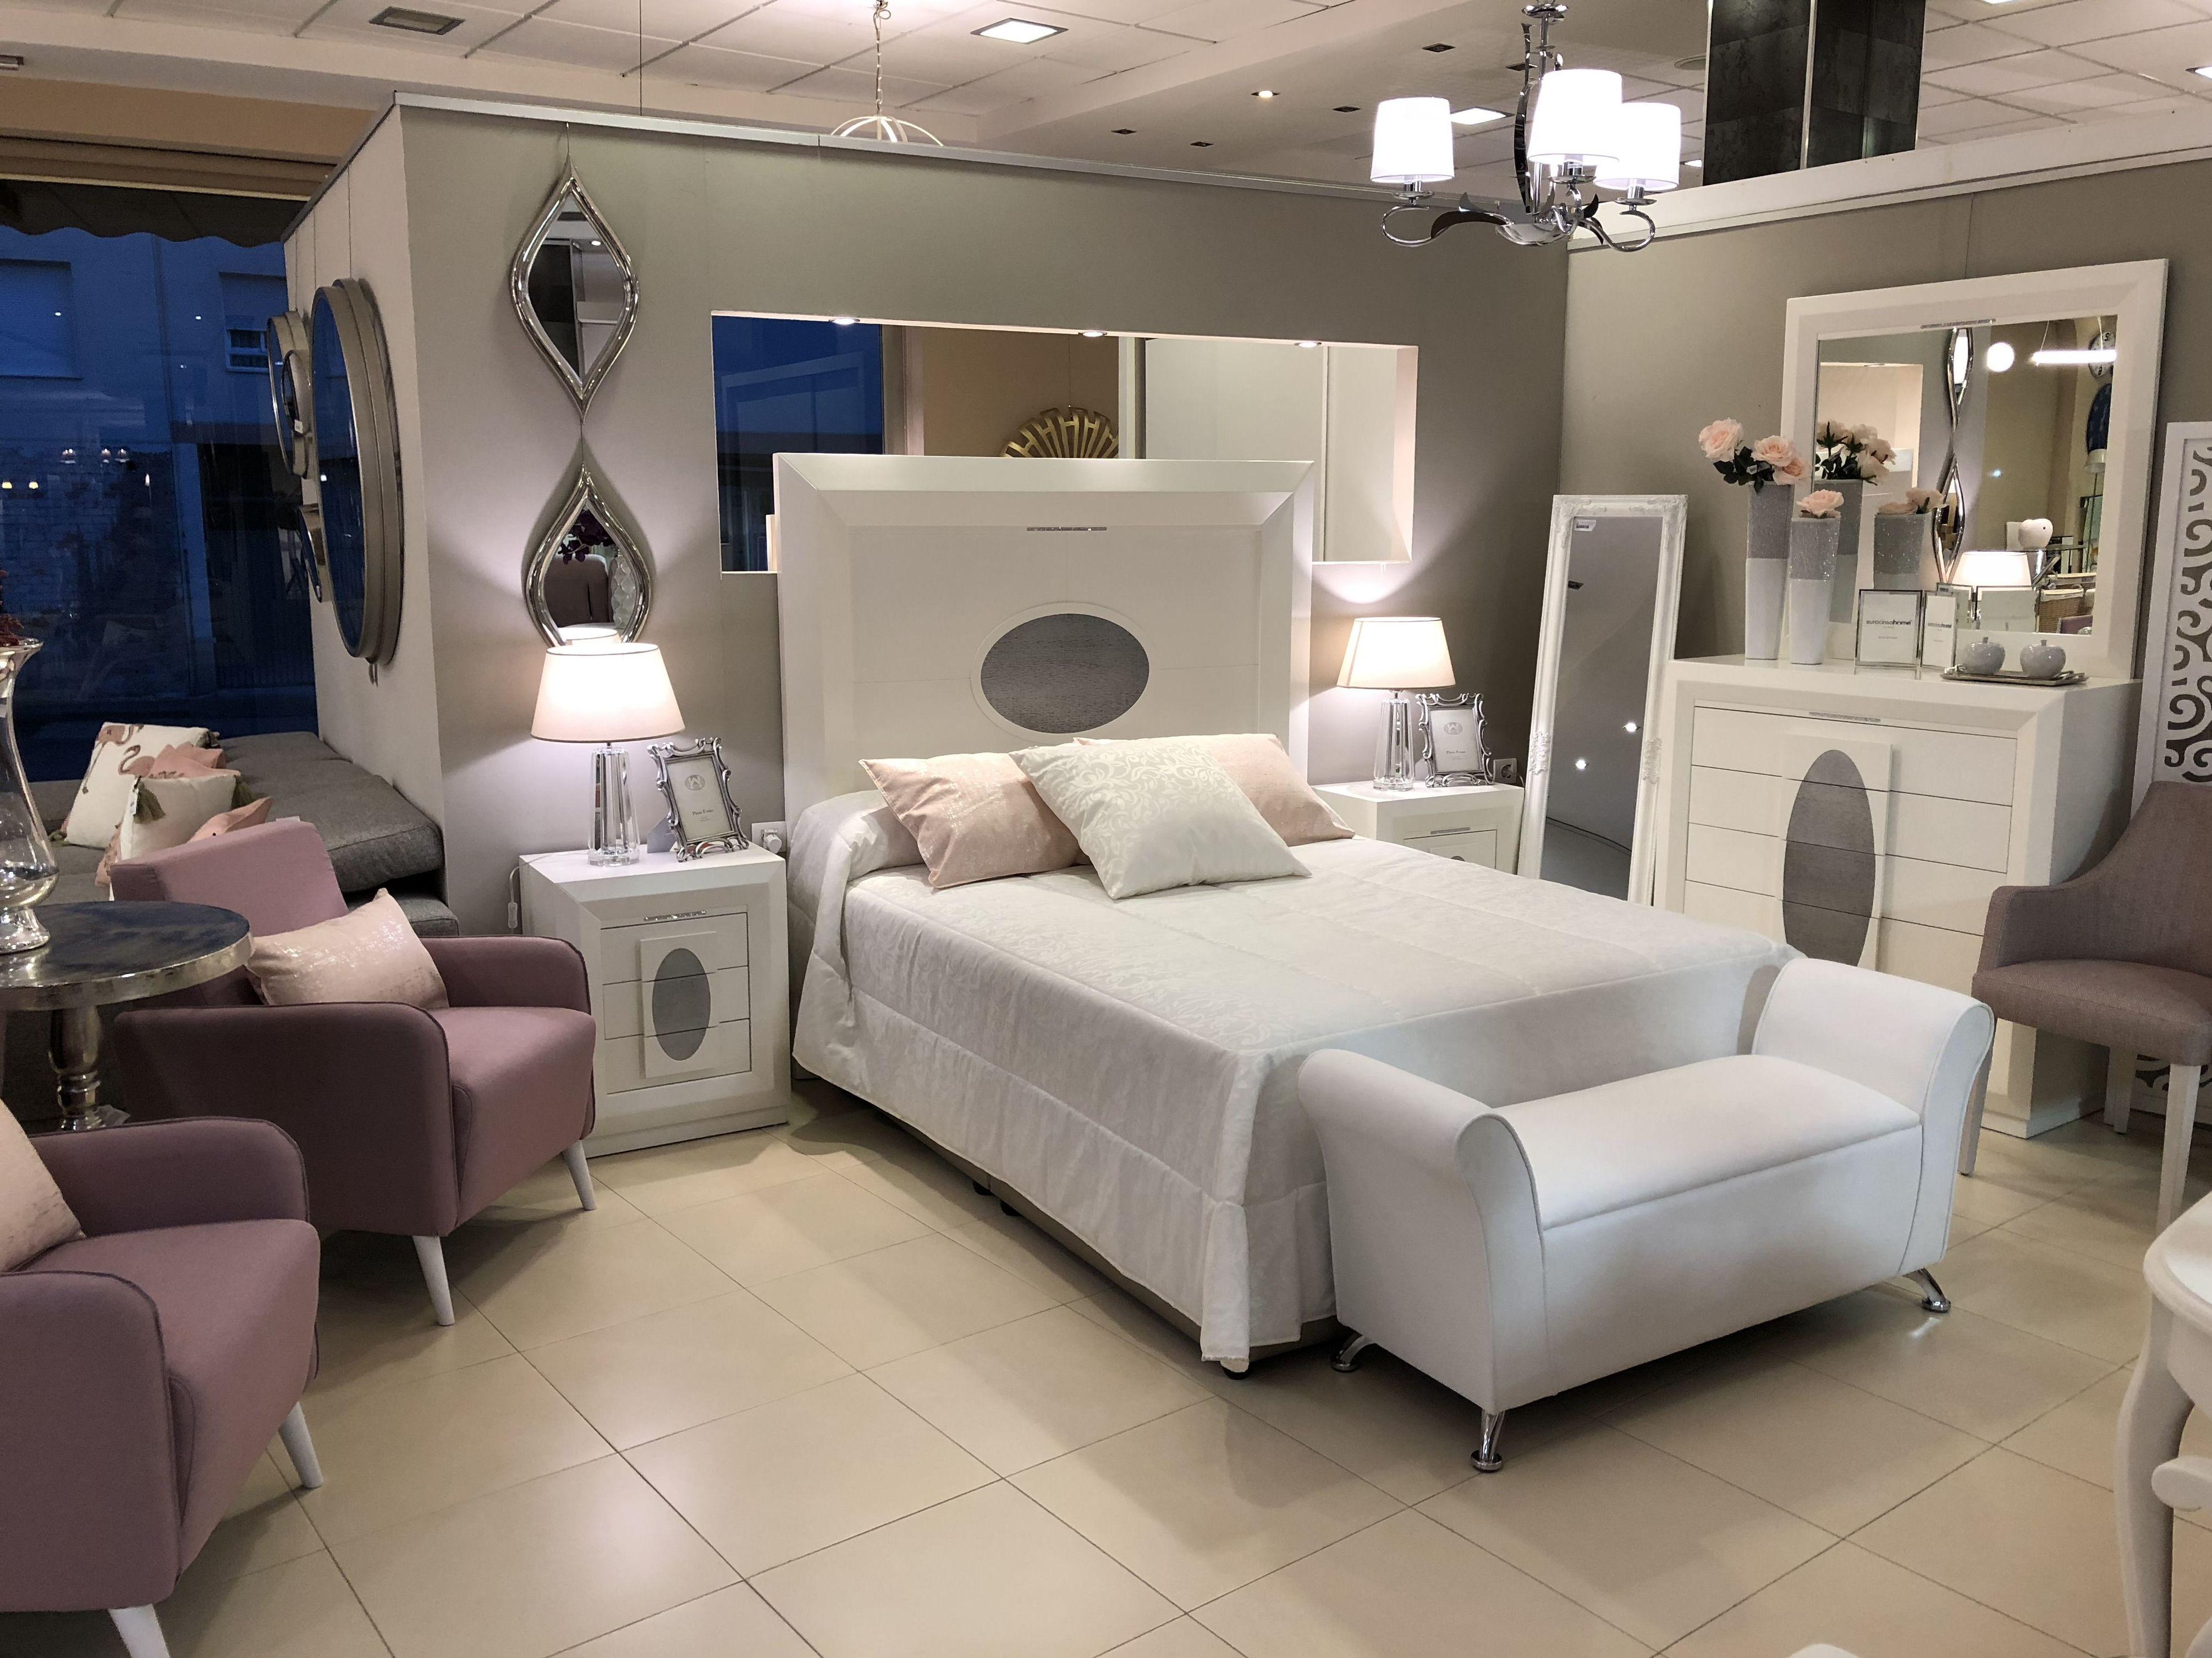 Dormitorios de ensueño en Muebles Angelita Horcas. Financiación a tu medida